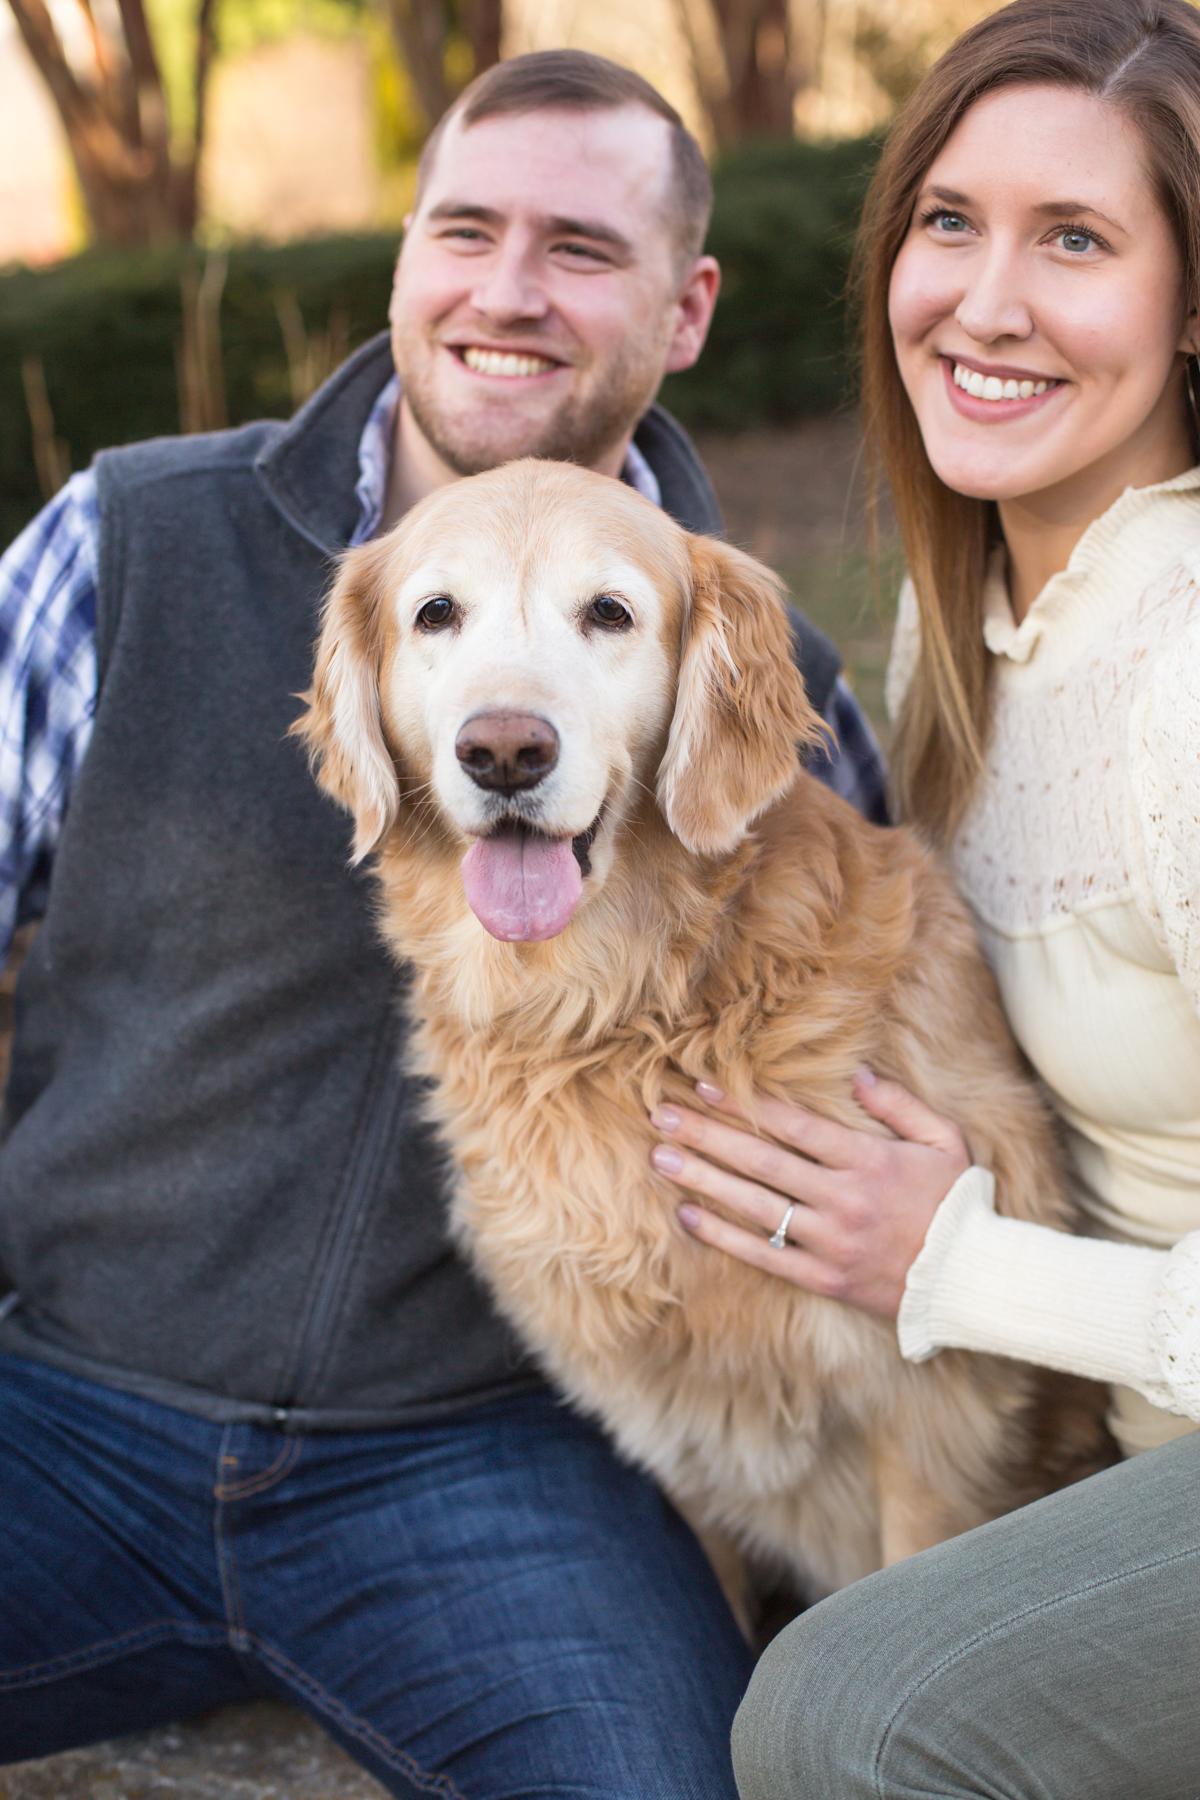 Lauren-and-Grant-Engagement-Centennial-Park-Nashville-Sneak-Peak-0003.jpg